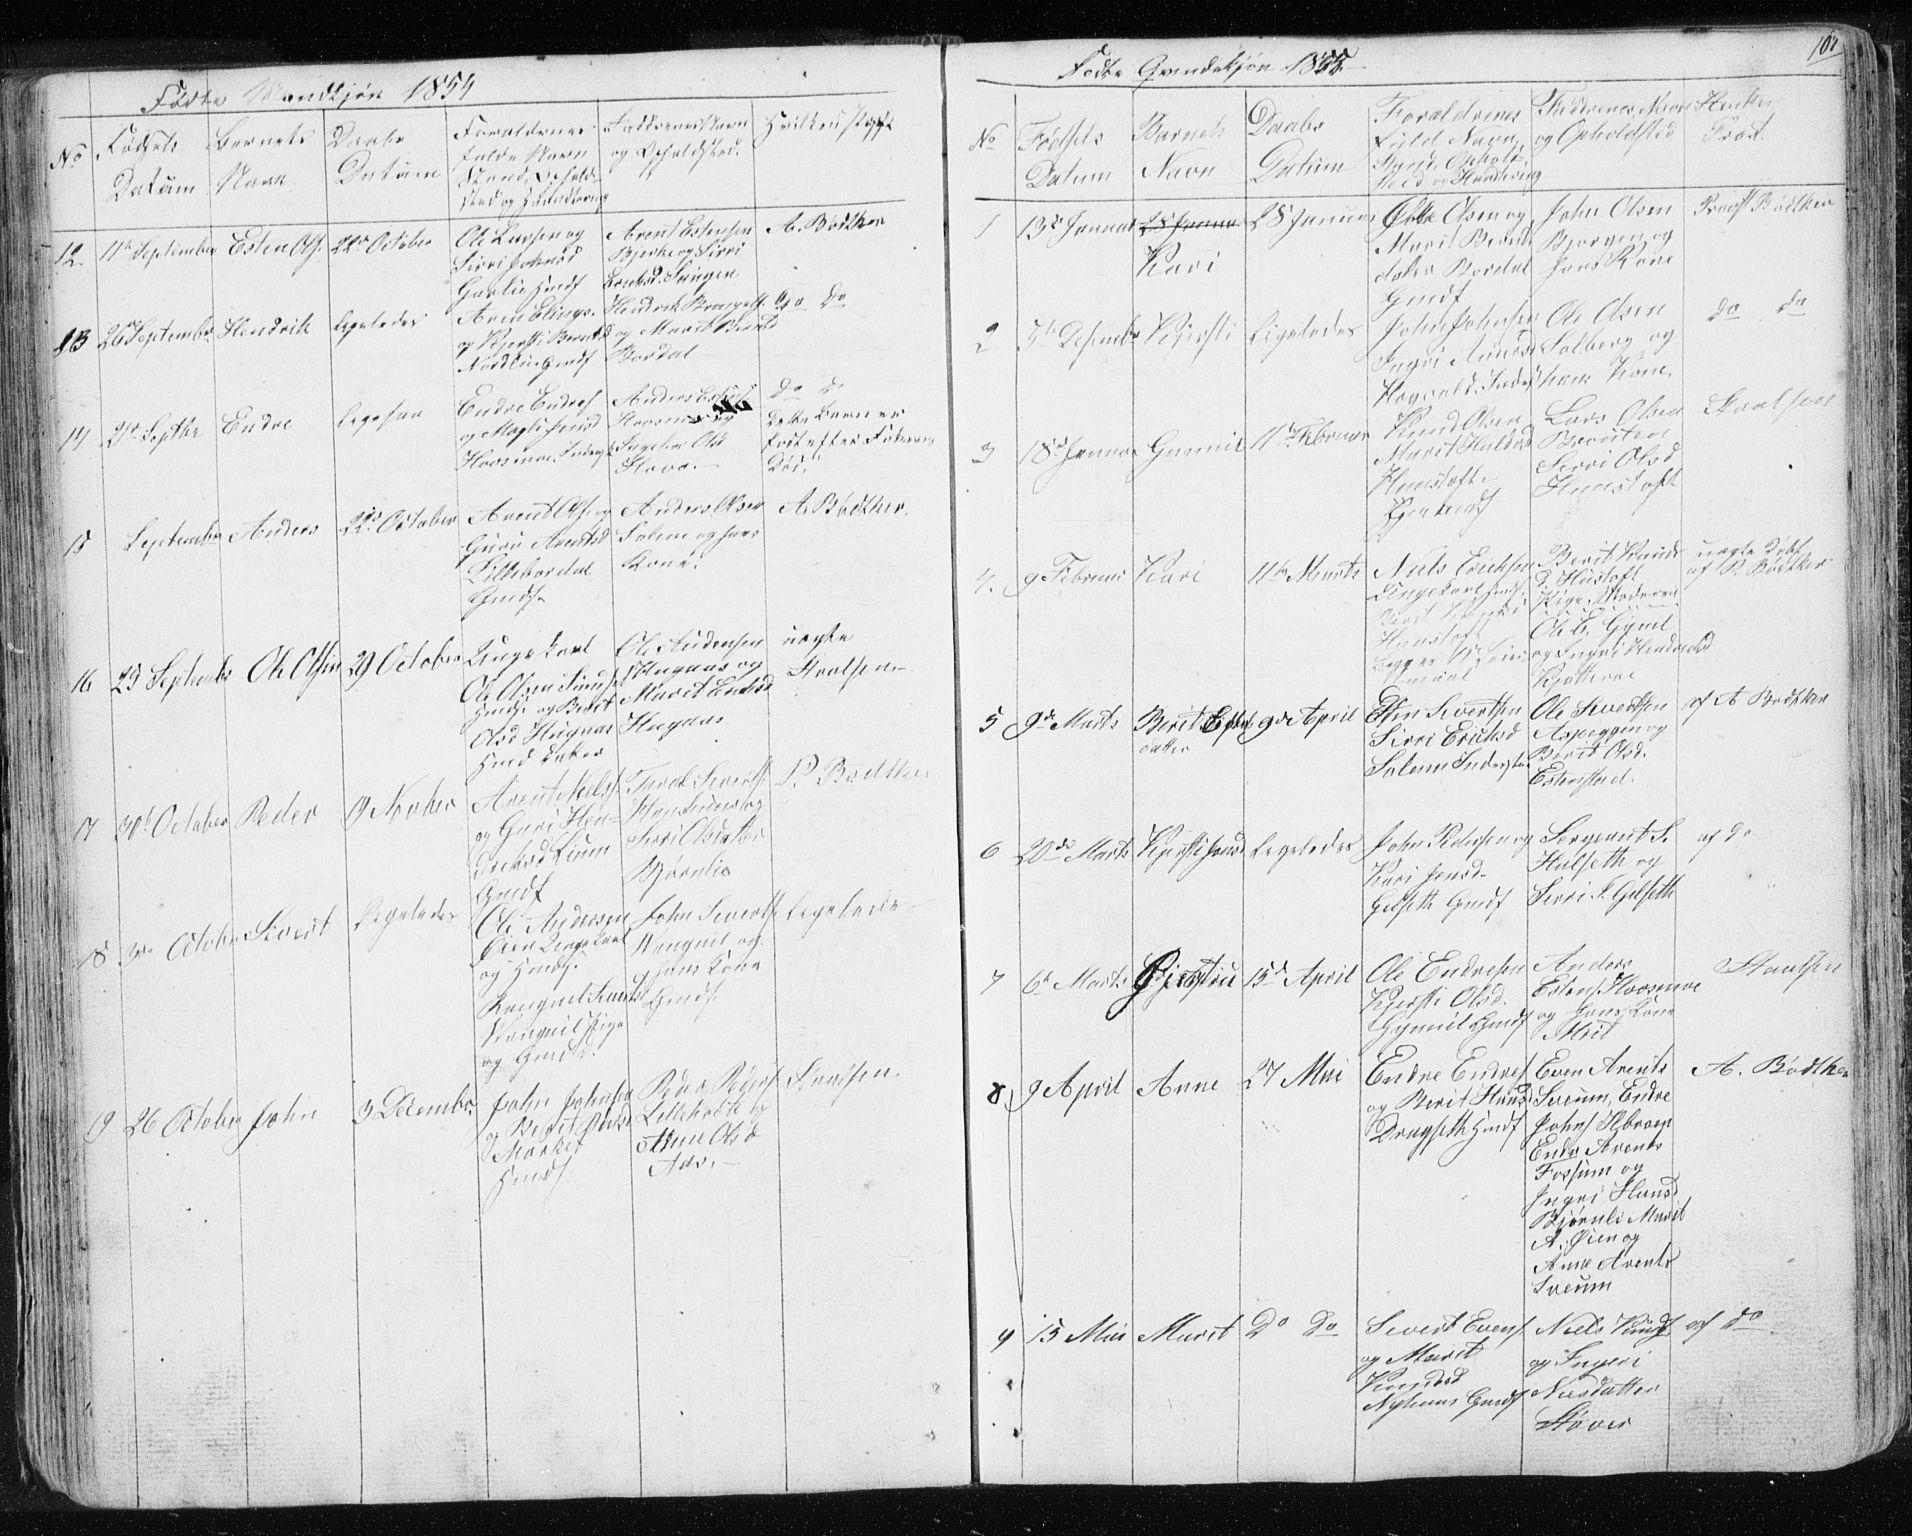 SAT, Ministerialprotokoller, klokkerbøker og fødselsregistre - Sør-Trøndelag, 689/L1043: Klokkerbok nr. 689C02, 1816-1892, s. 107